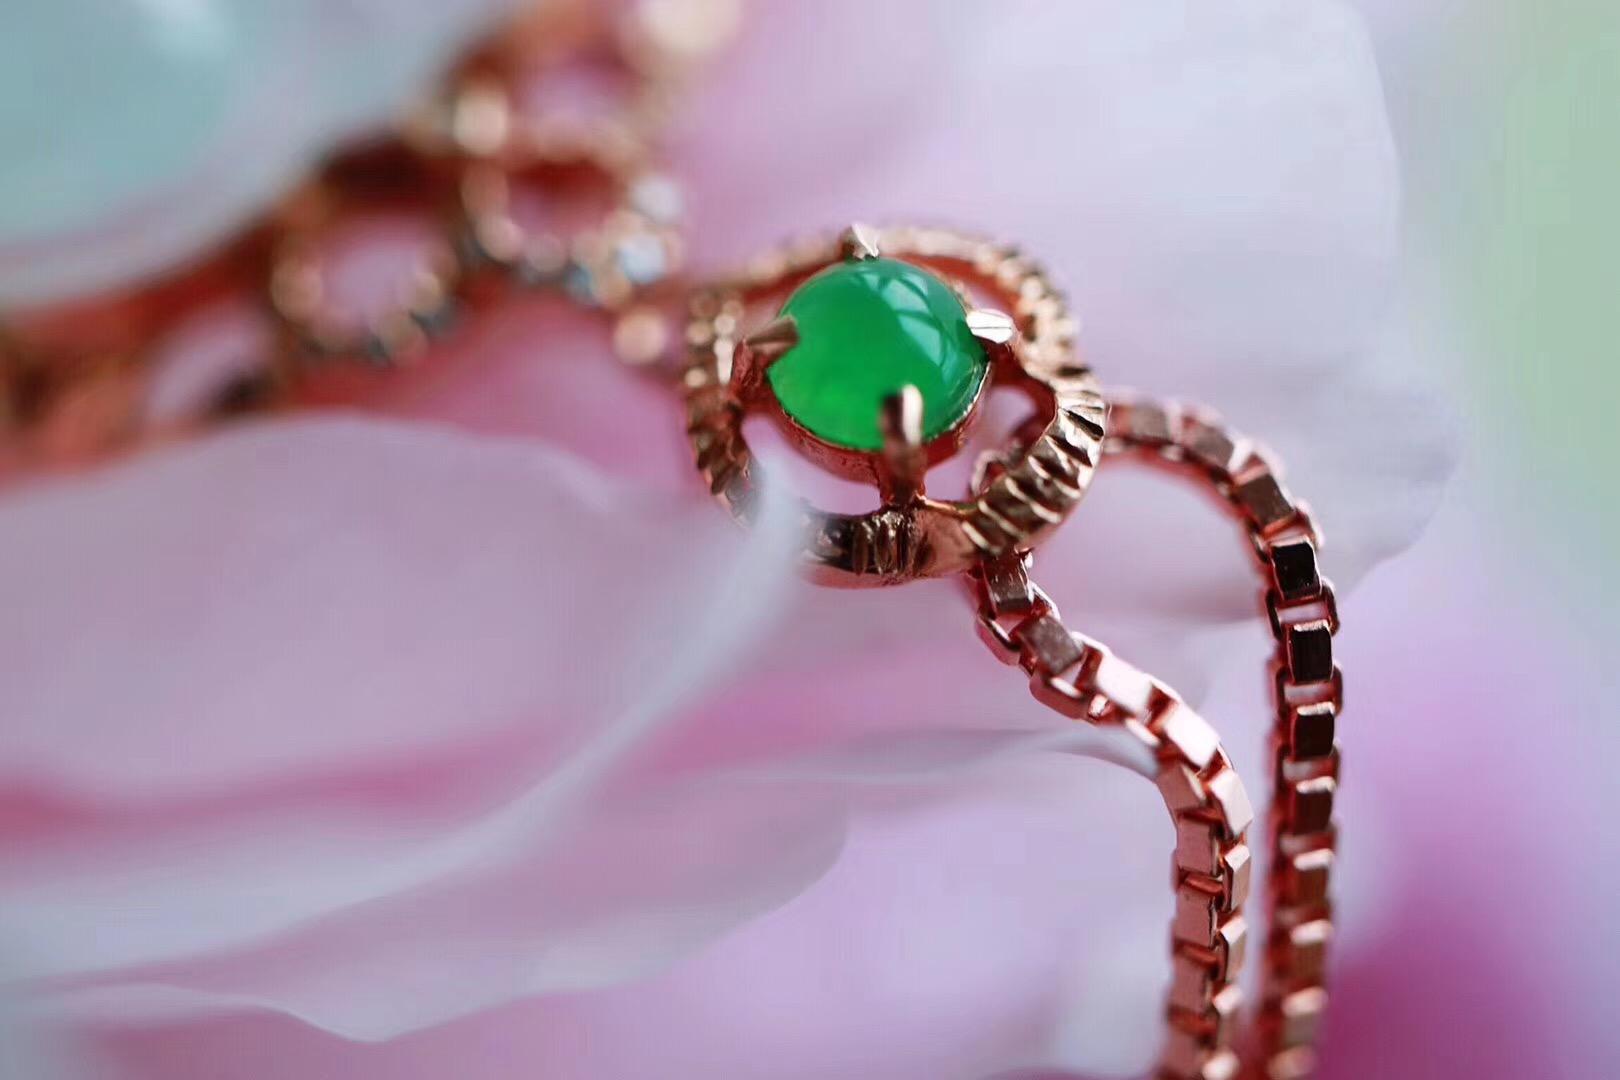 【菩心 | 翡翠🍃】绿叶常与花相伴,花谢叶长在-菩心晶舍